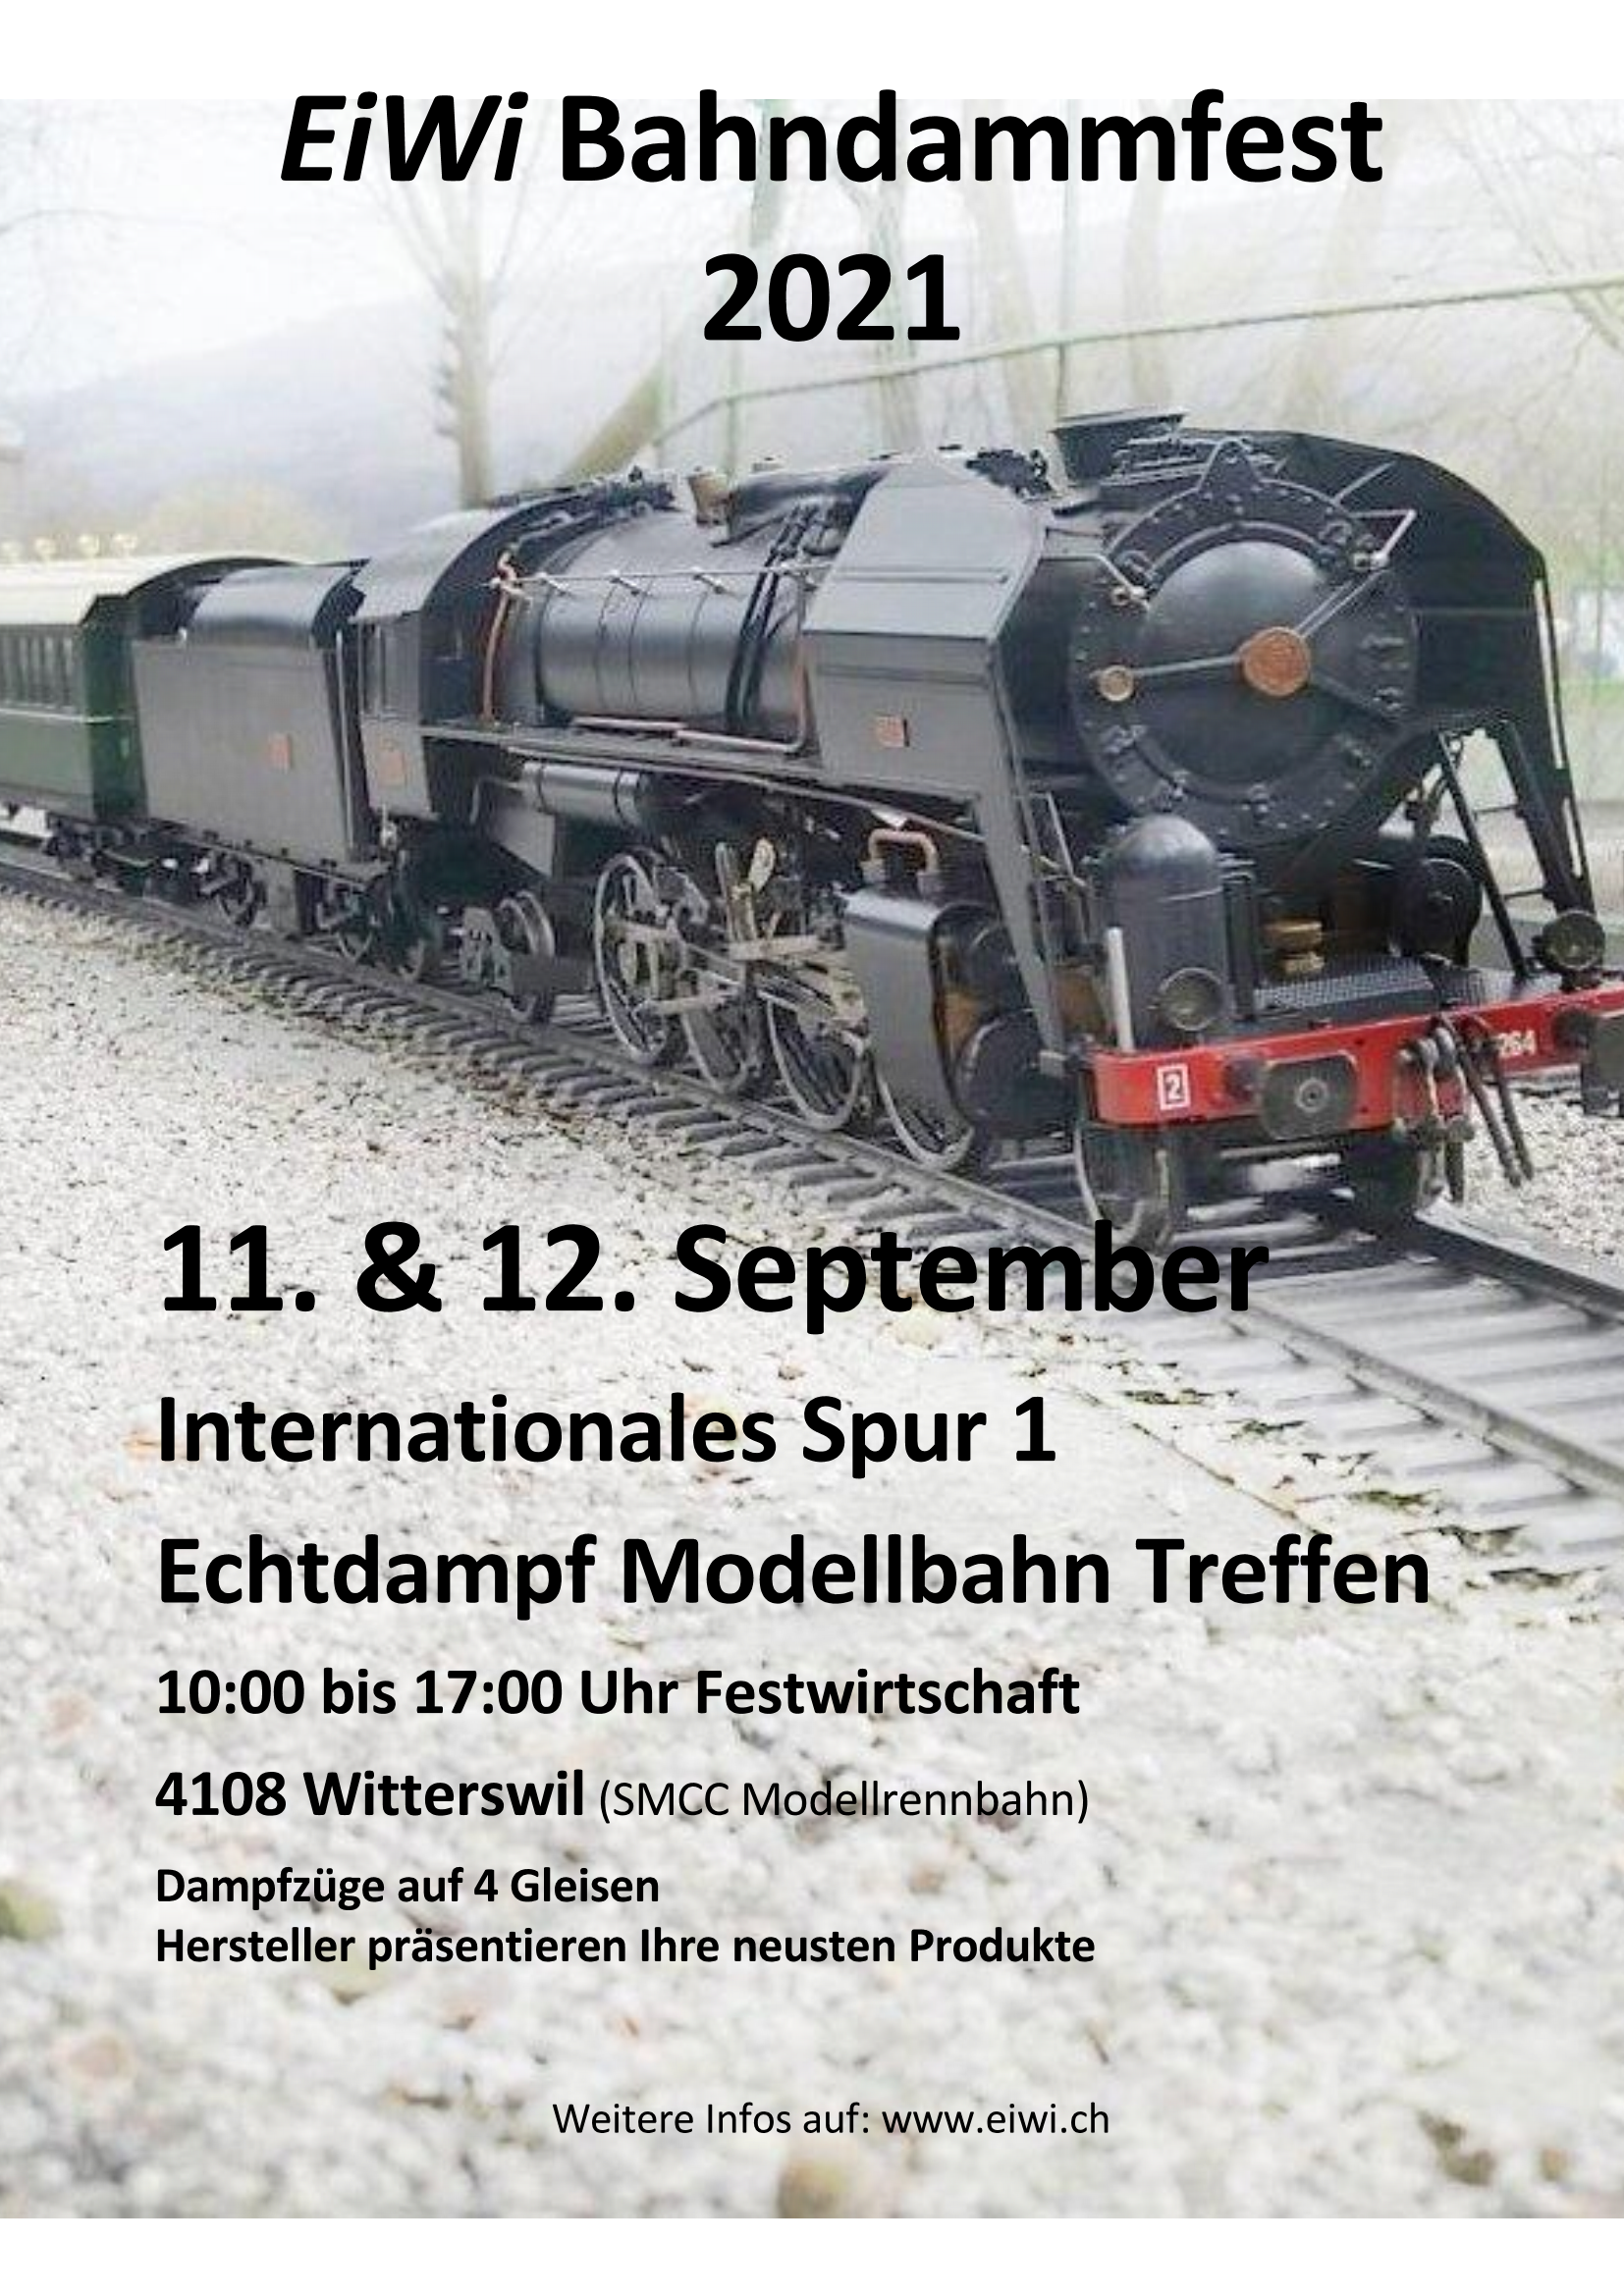 2021 EiWi jubiläums Bahndammfest